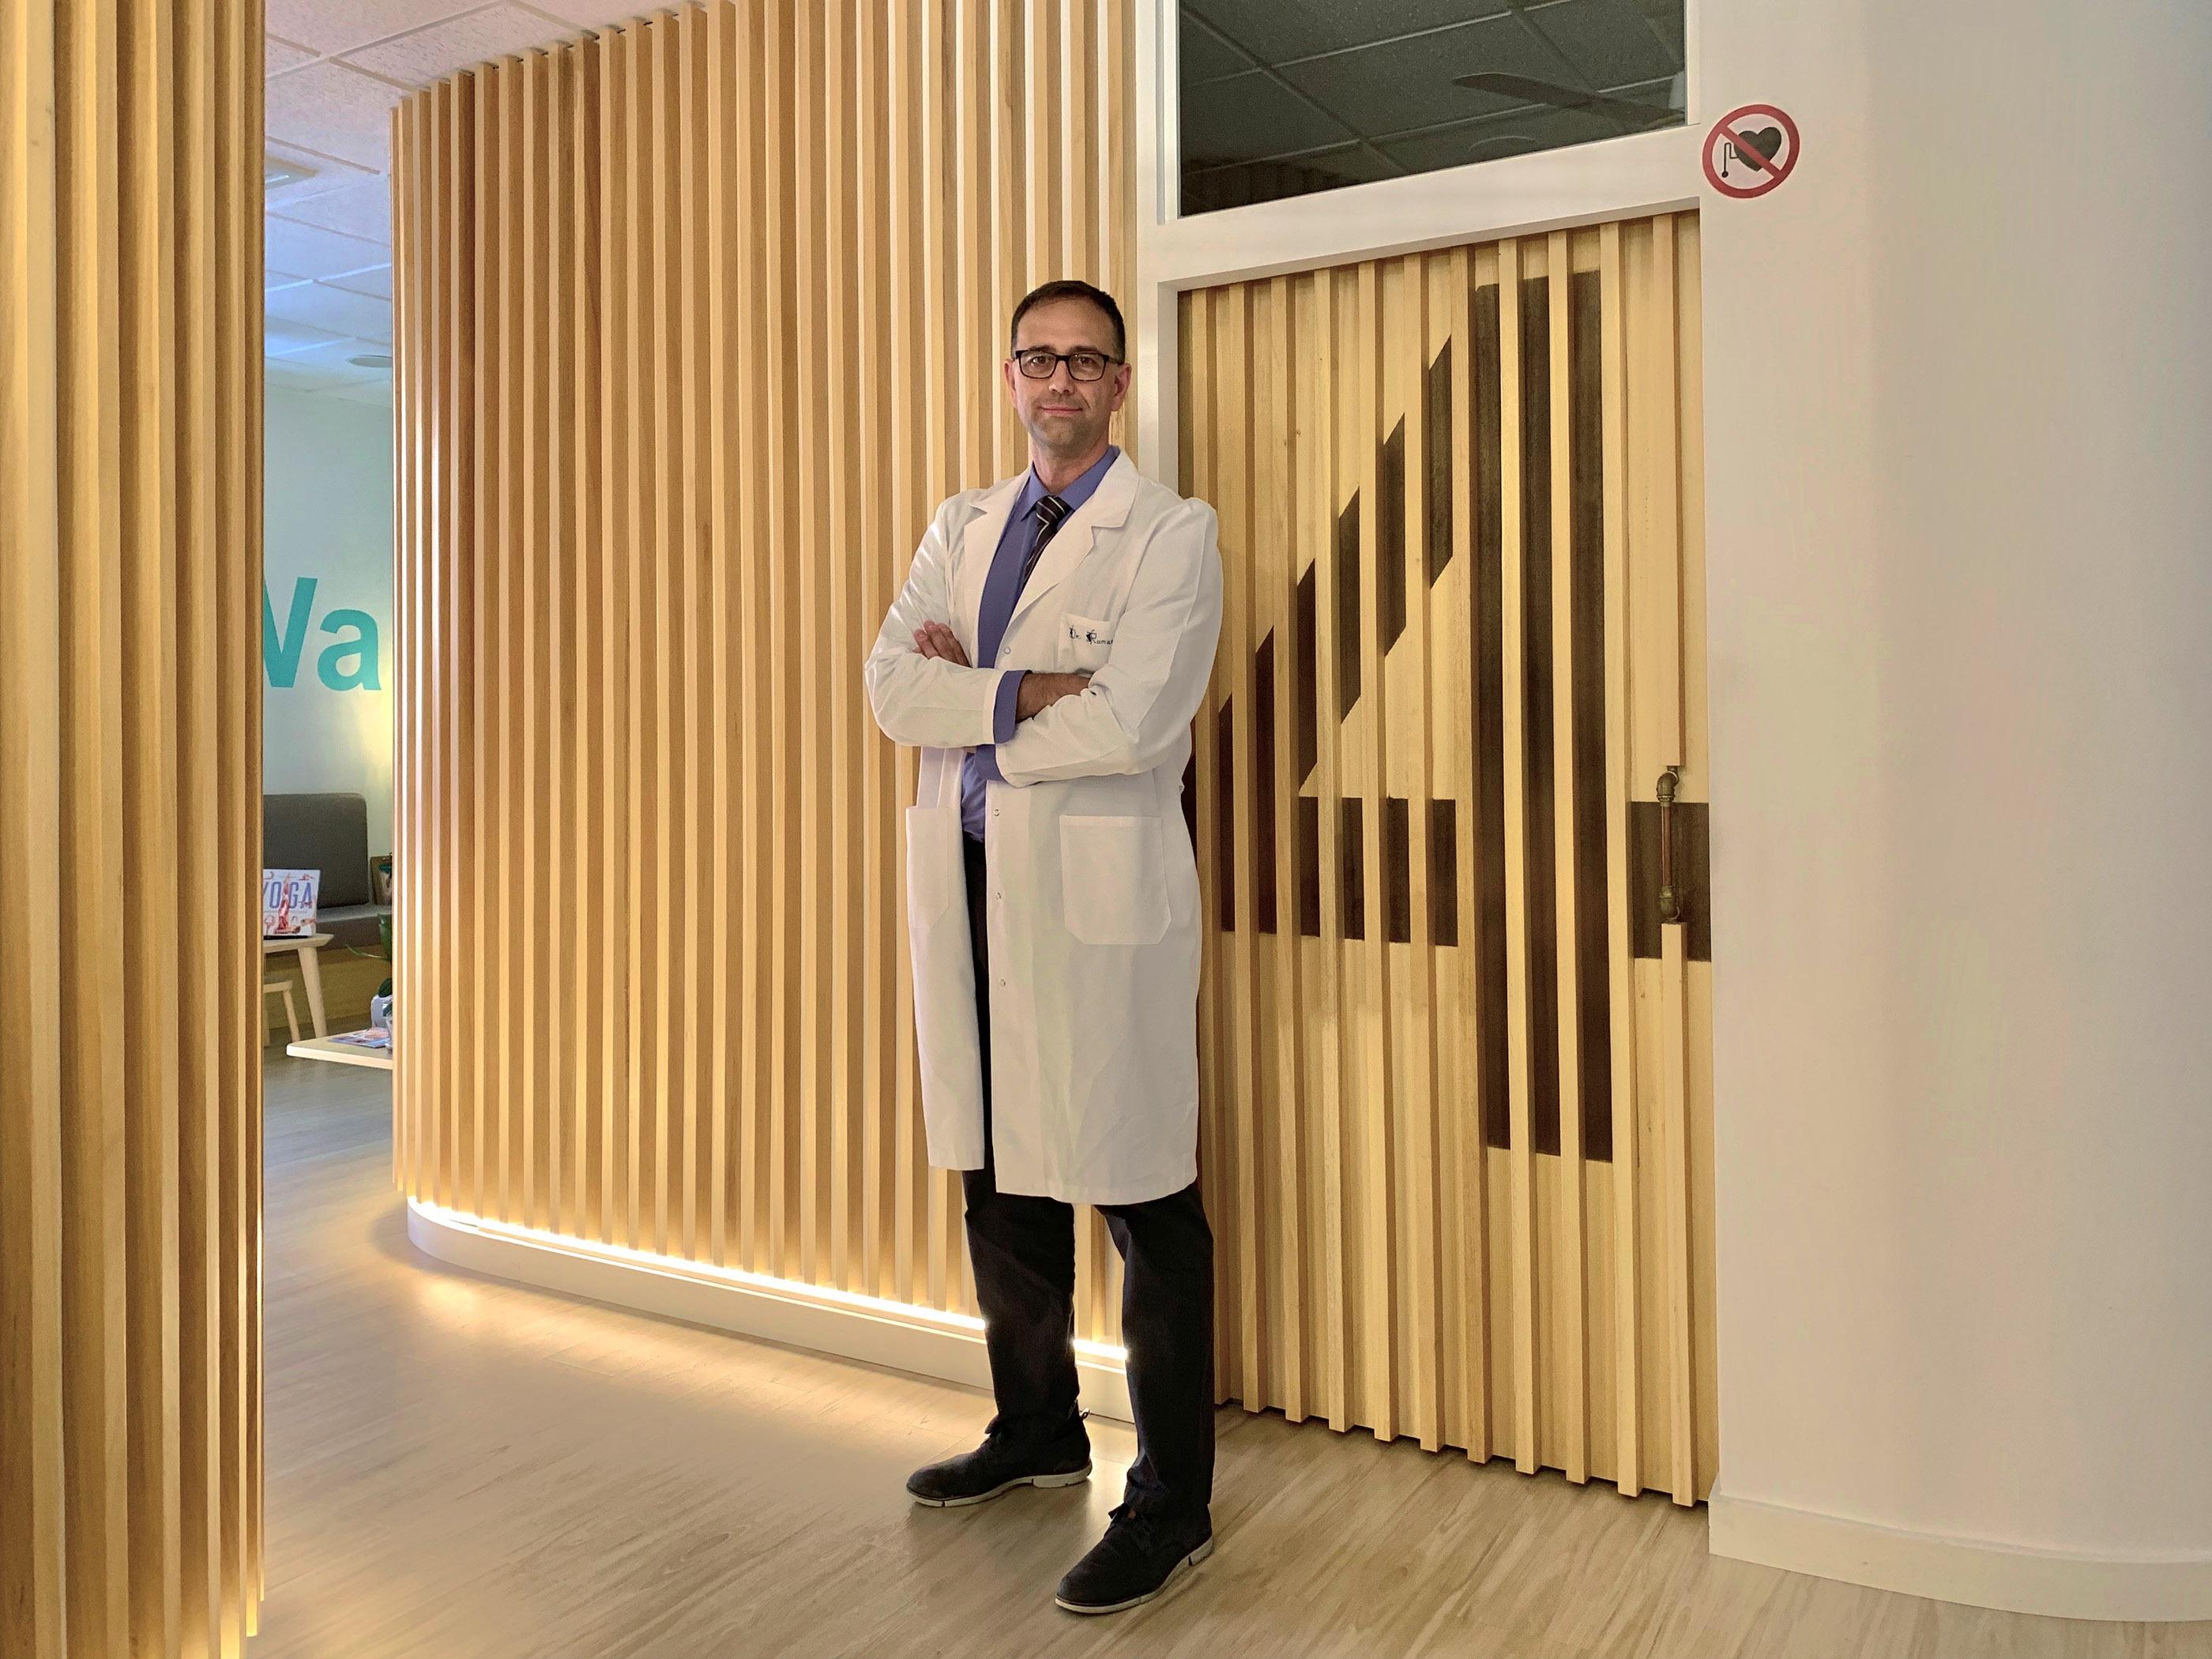 Consulta Cirugía Ortopédica y Traumatología en AQUILES Fisioterapia+